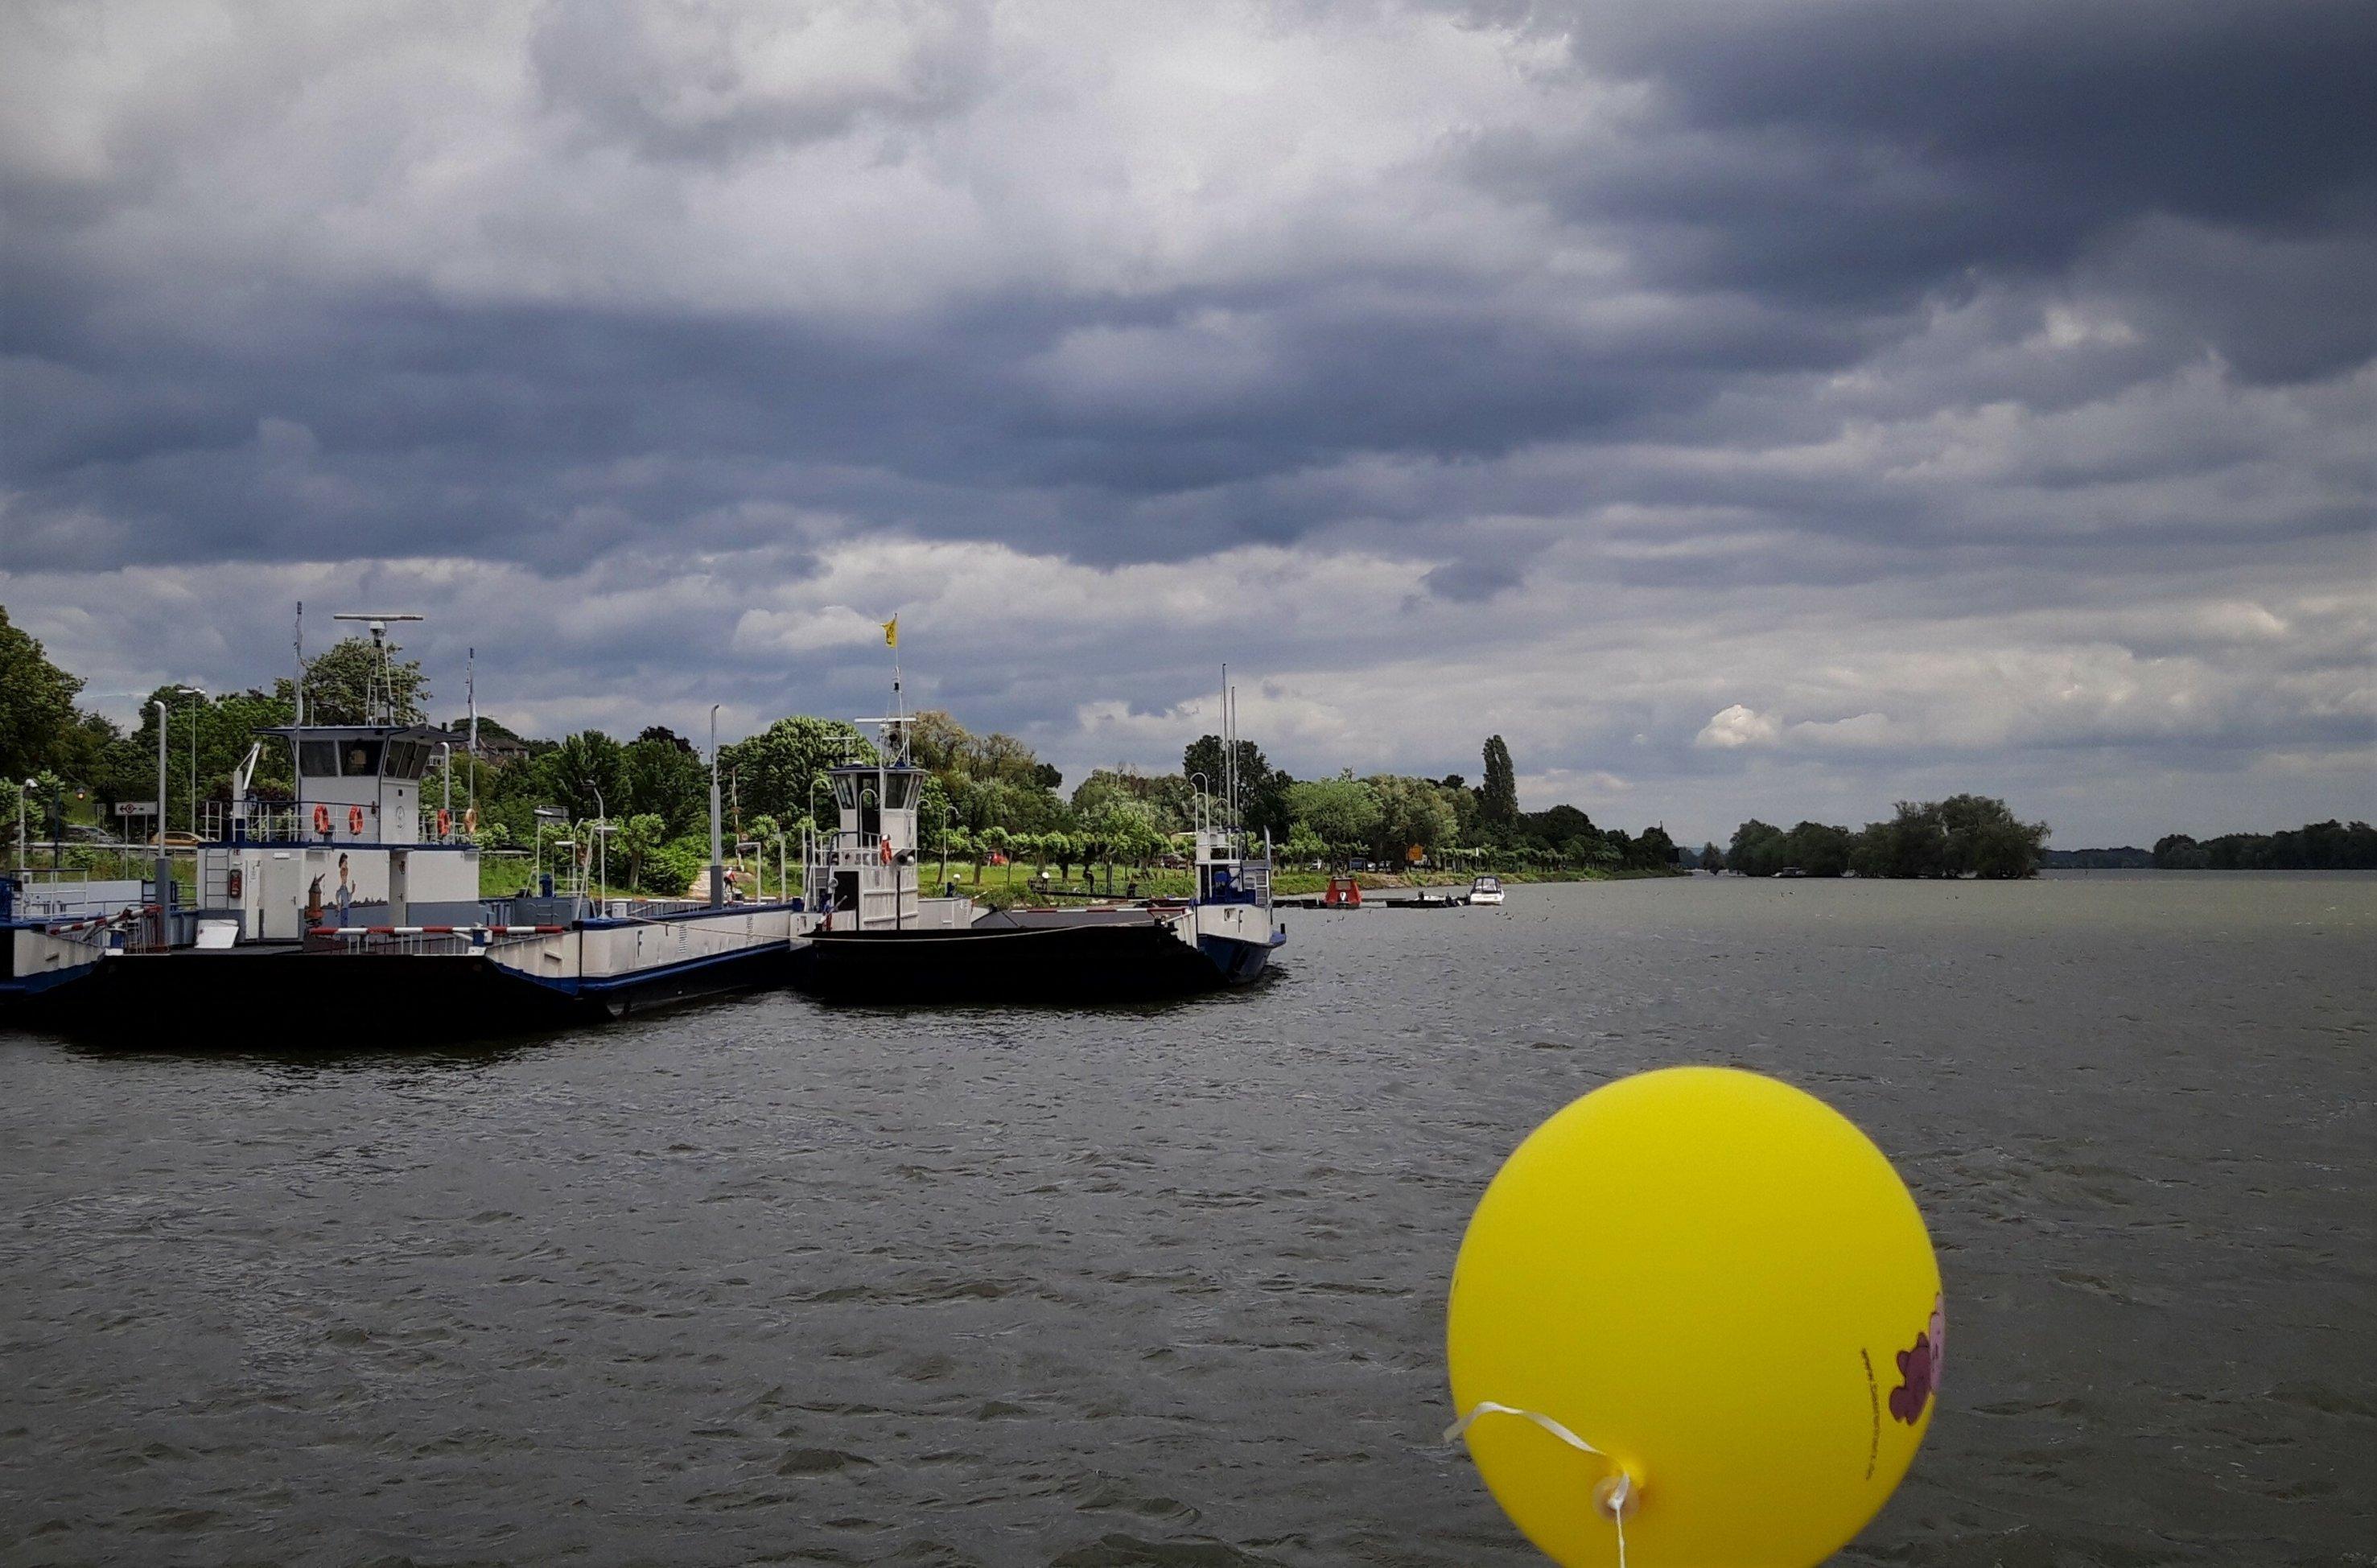 Hinter einem gelben Luftballon ist unter bleischwarzem Himmel das dunkle Rehinwasser zu sehen, auf dem eine Rheinfähre dümpelt.